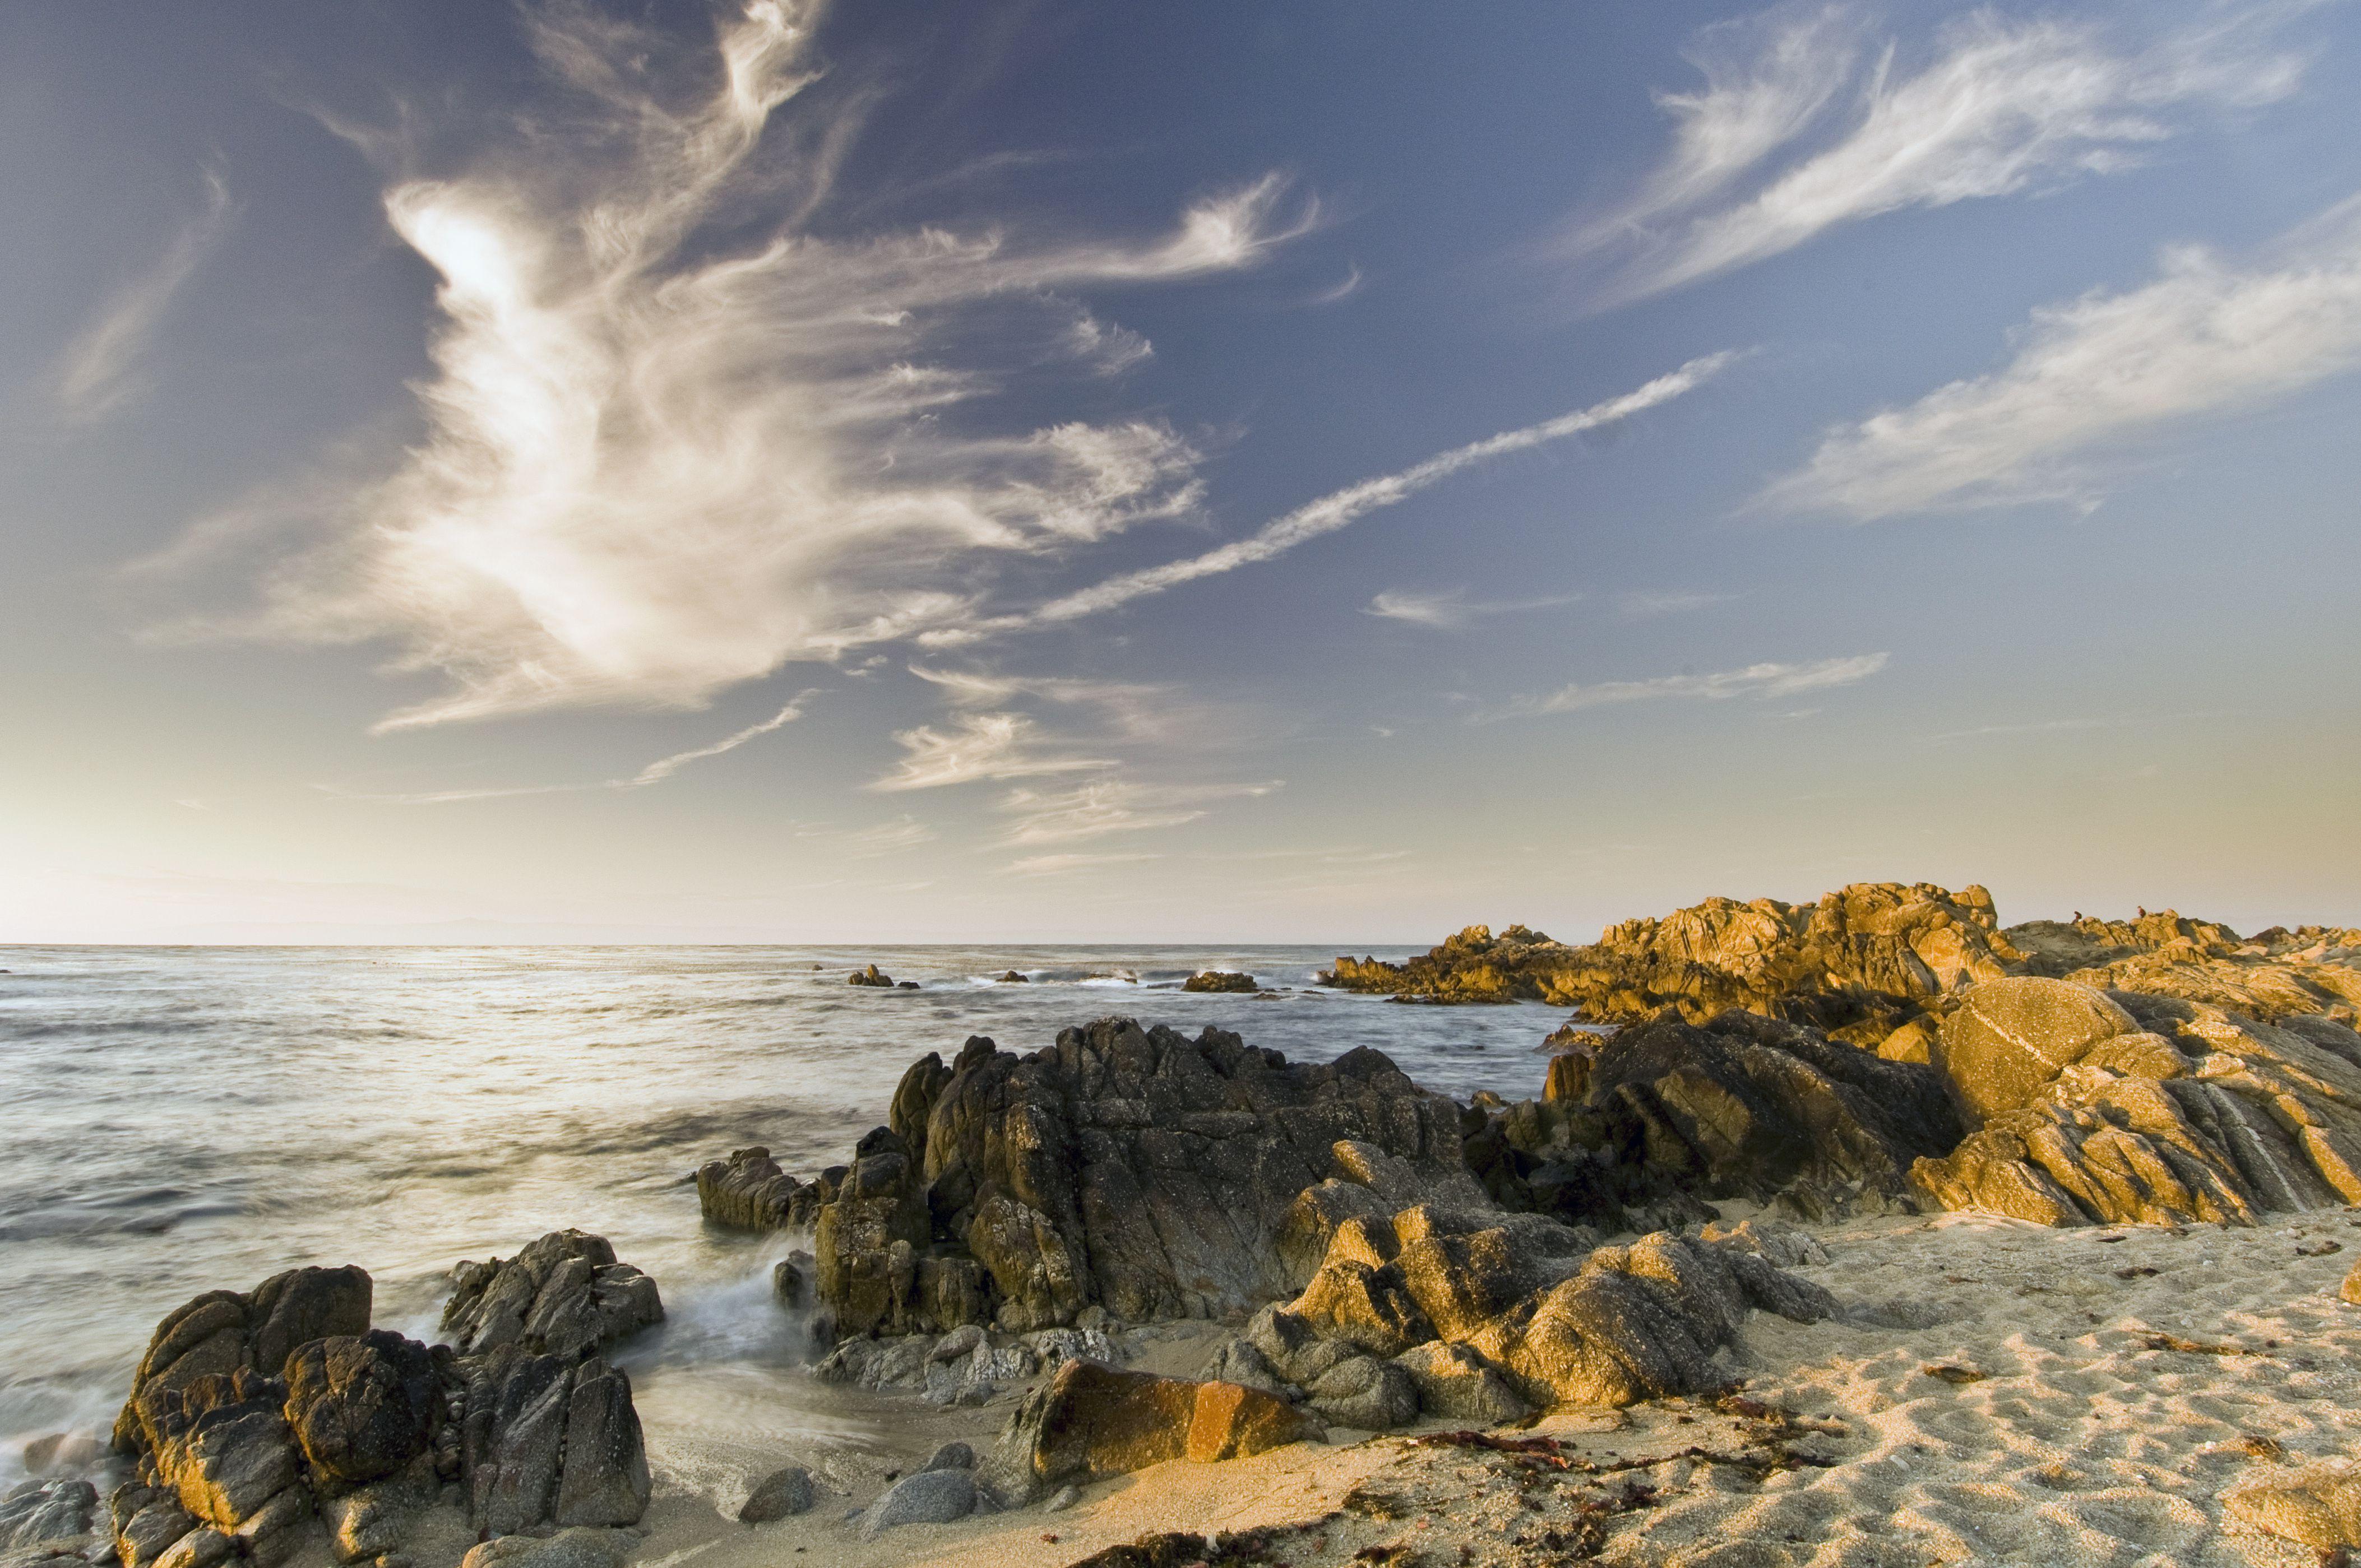 Pacific Grove coastline